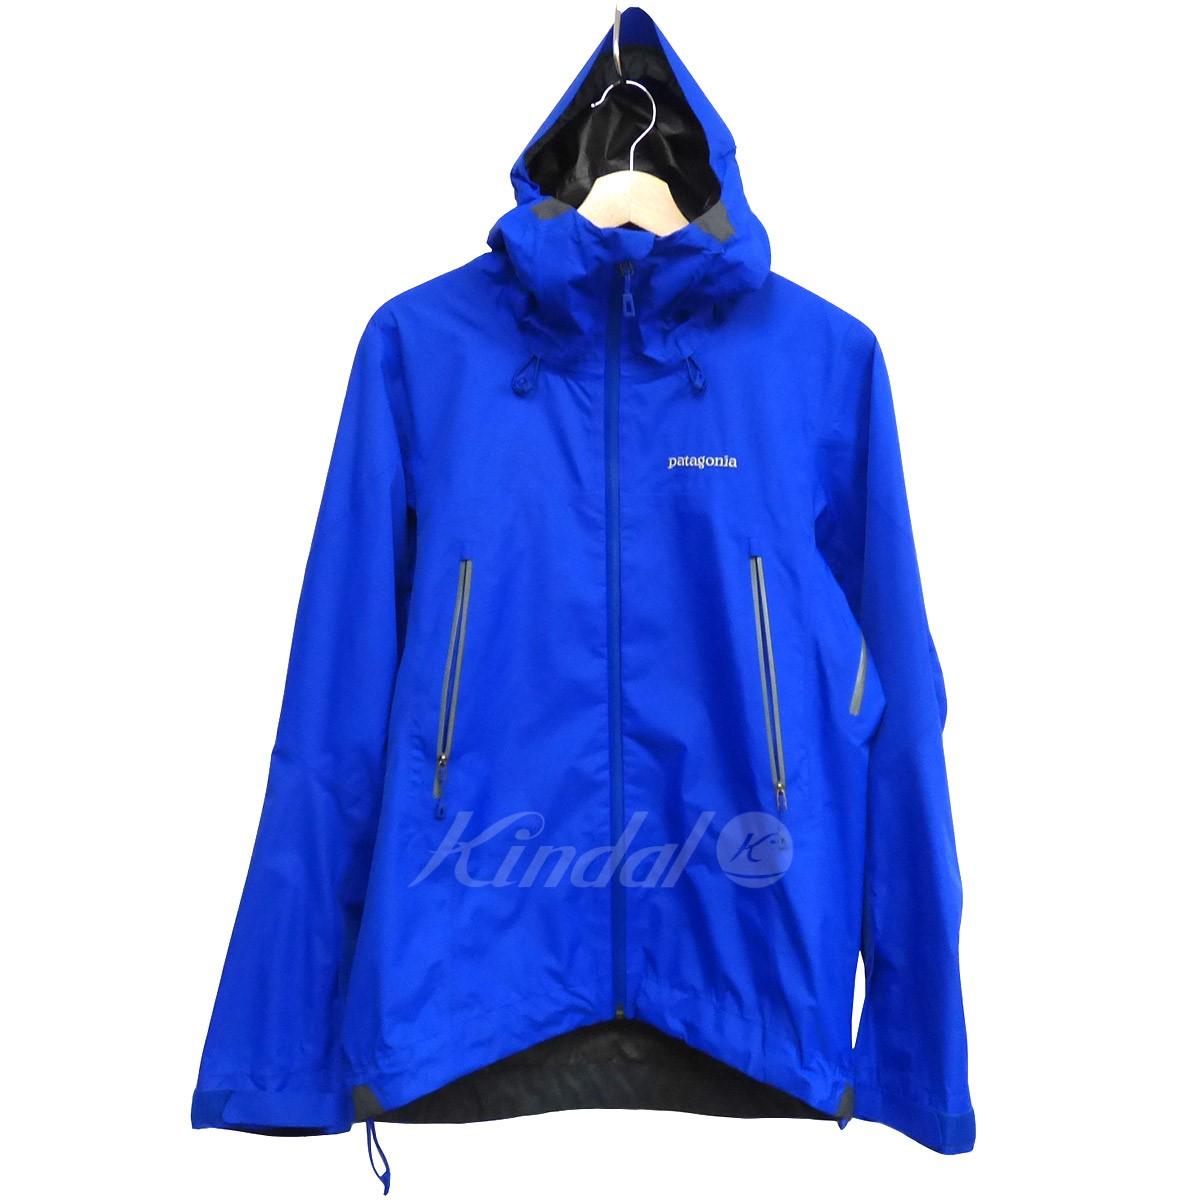 【中古】patagonia GORE-TEXゴアテックス Super Cell JKTスーパーセルジャケット ブルー サイズ:XS 【送料無料】 【281018】(パタゴニア)